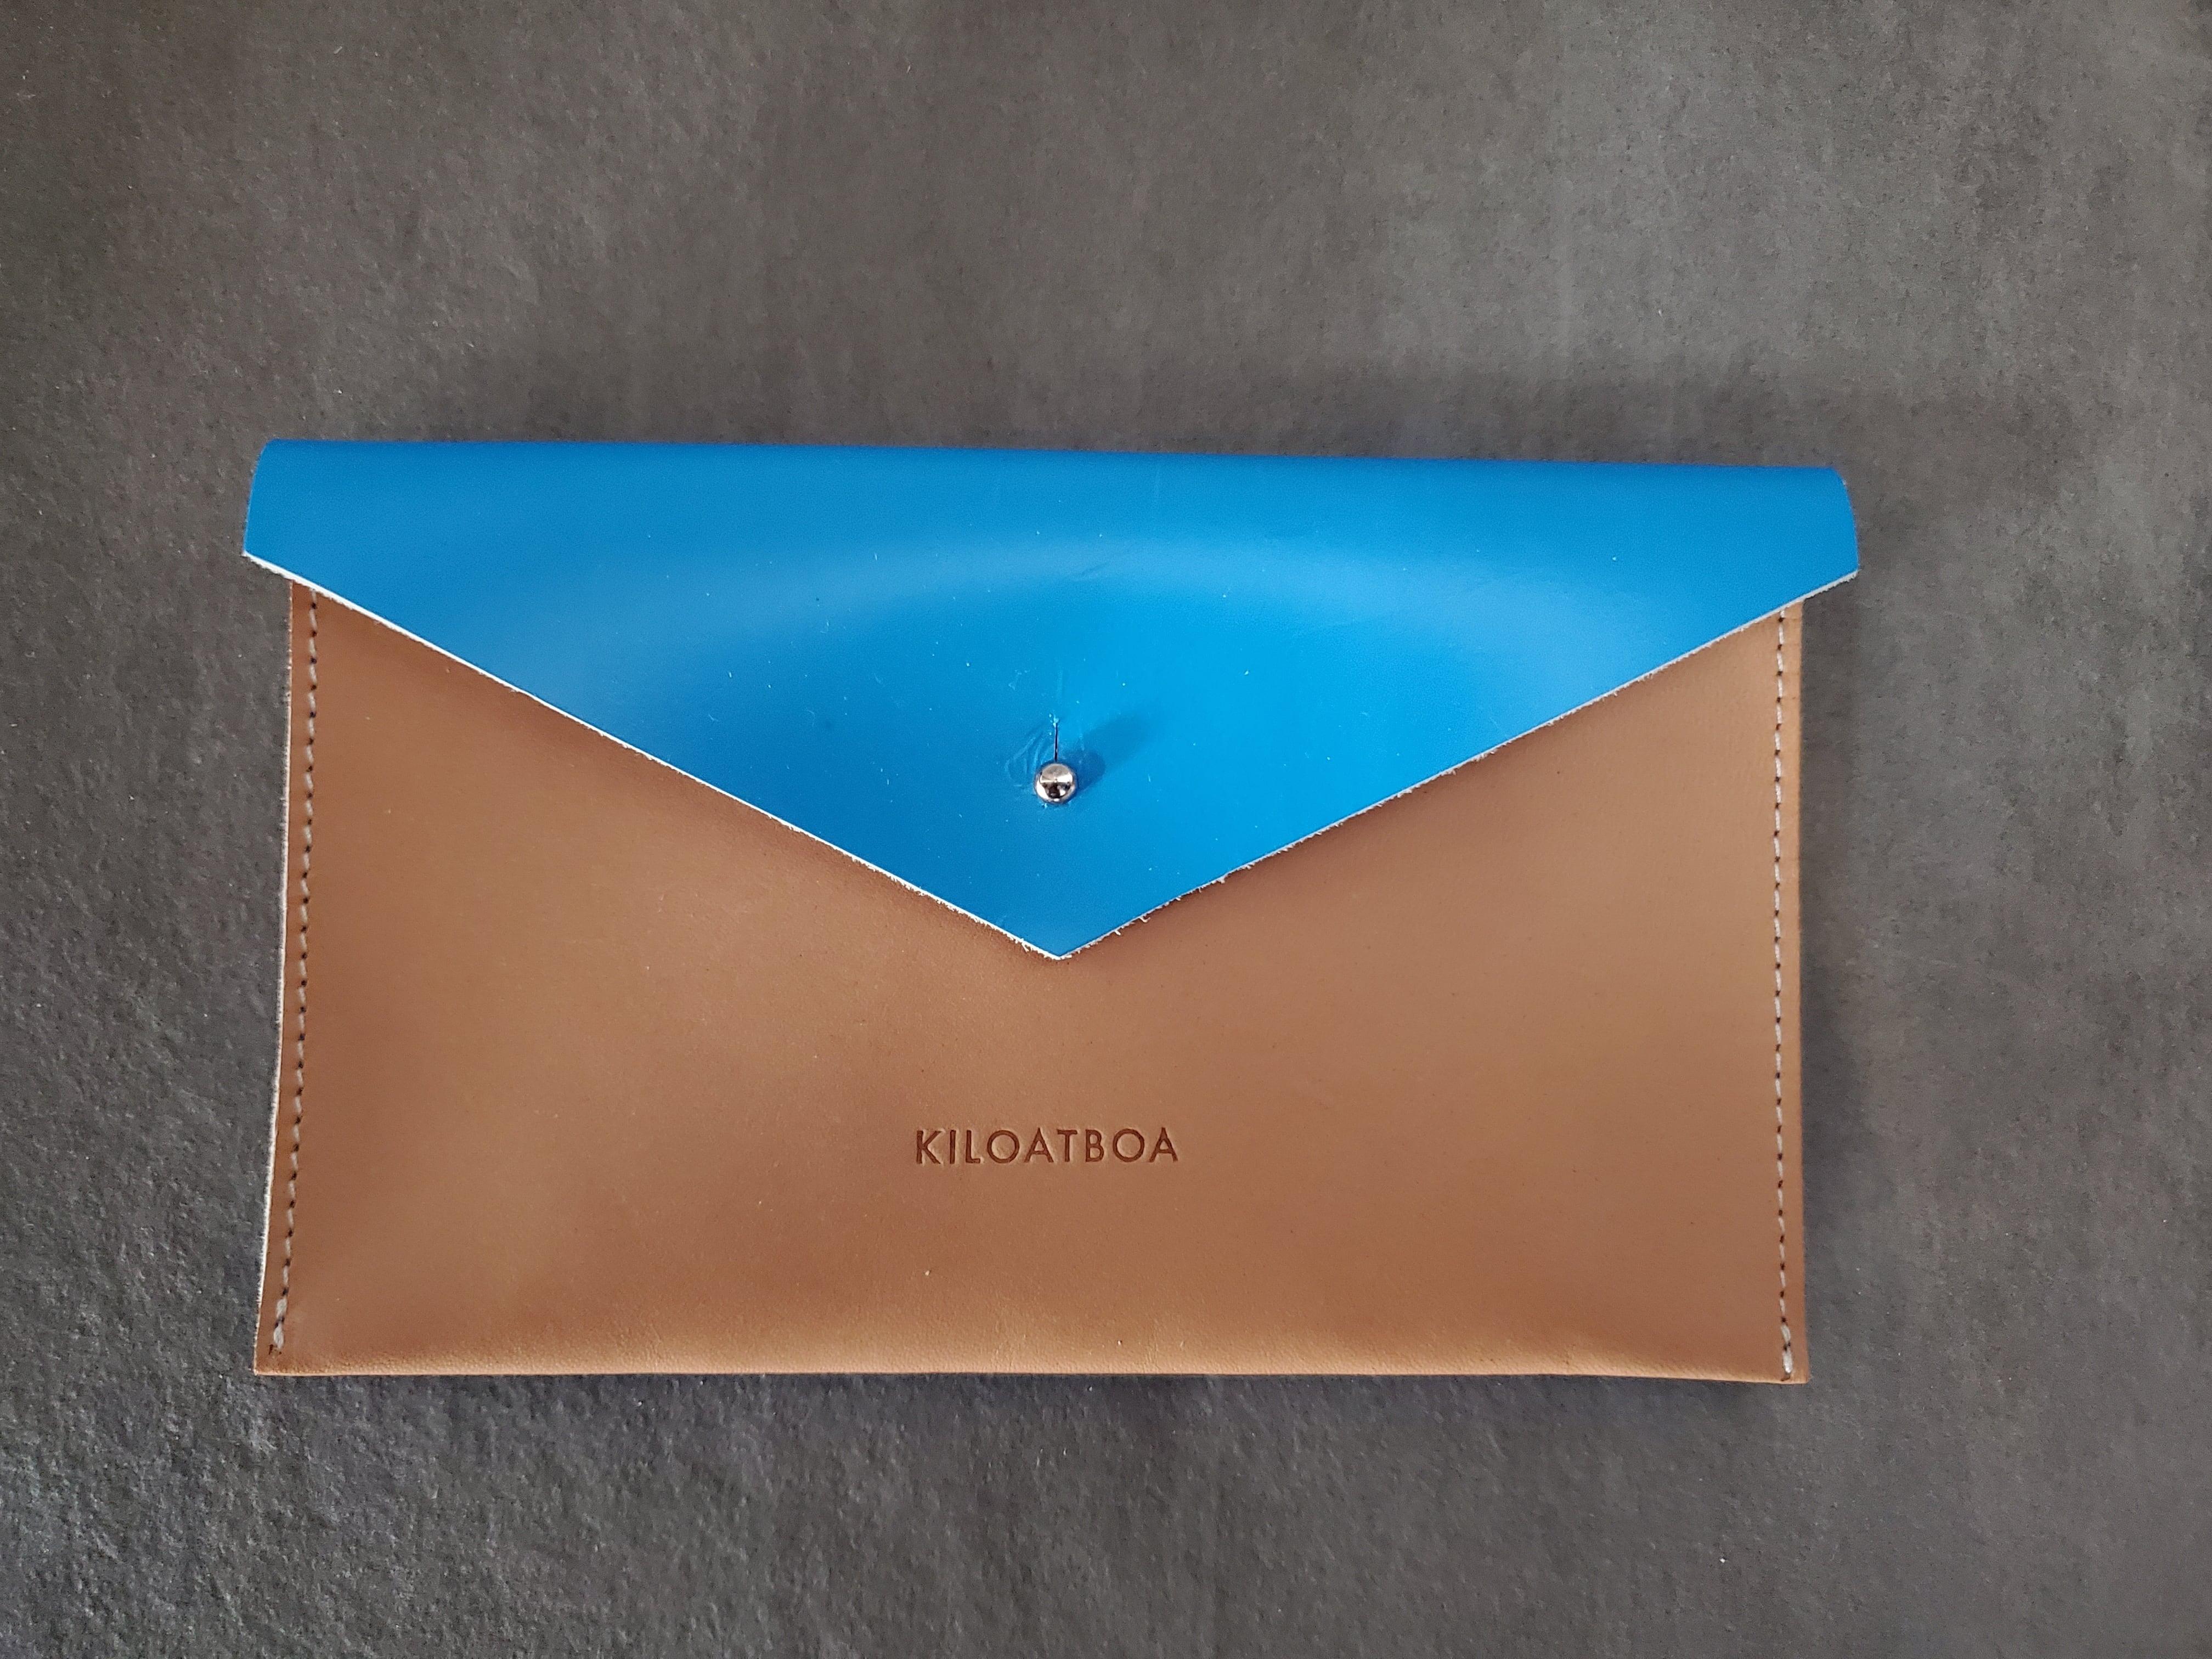 KILOATBOA レターポーチ(ブルー)